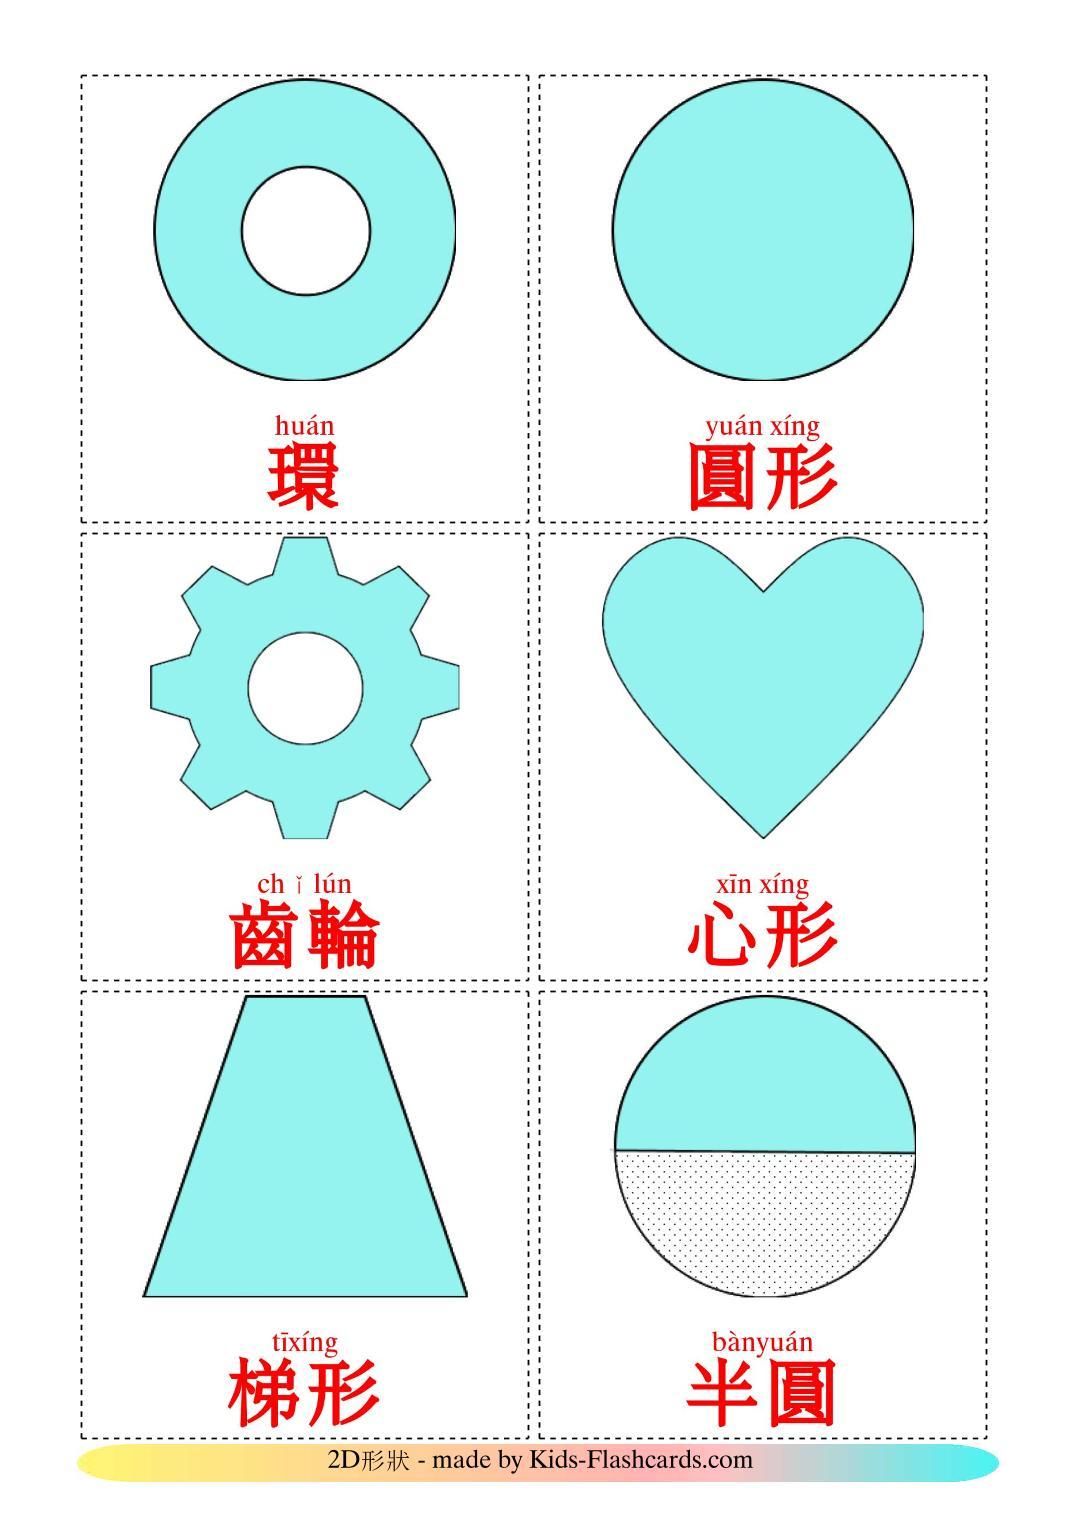 Формы 2D - 35 Карточек Домана на китайский(Традиционный)